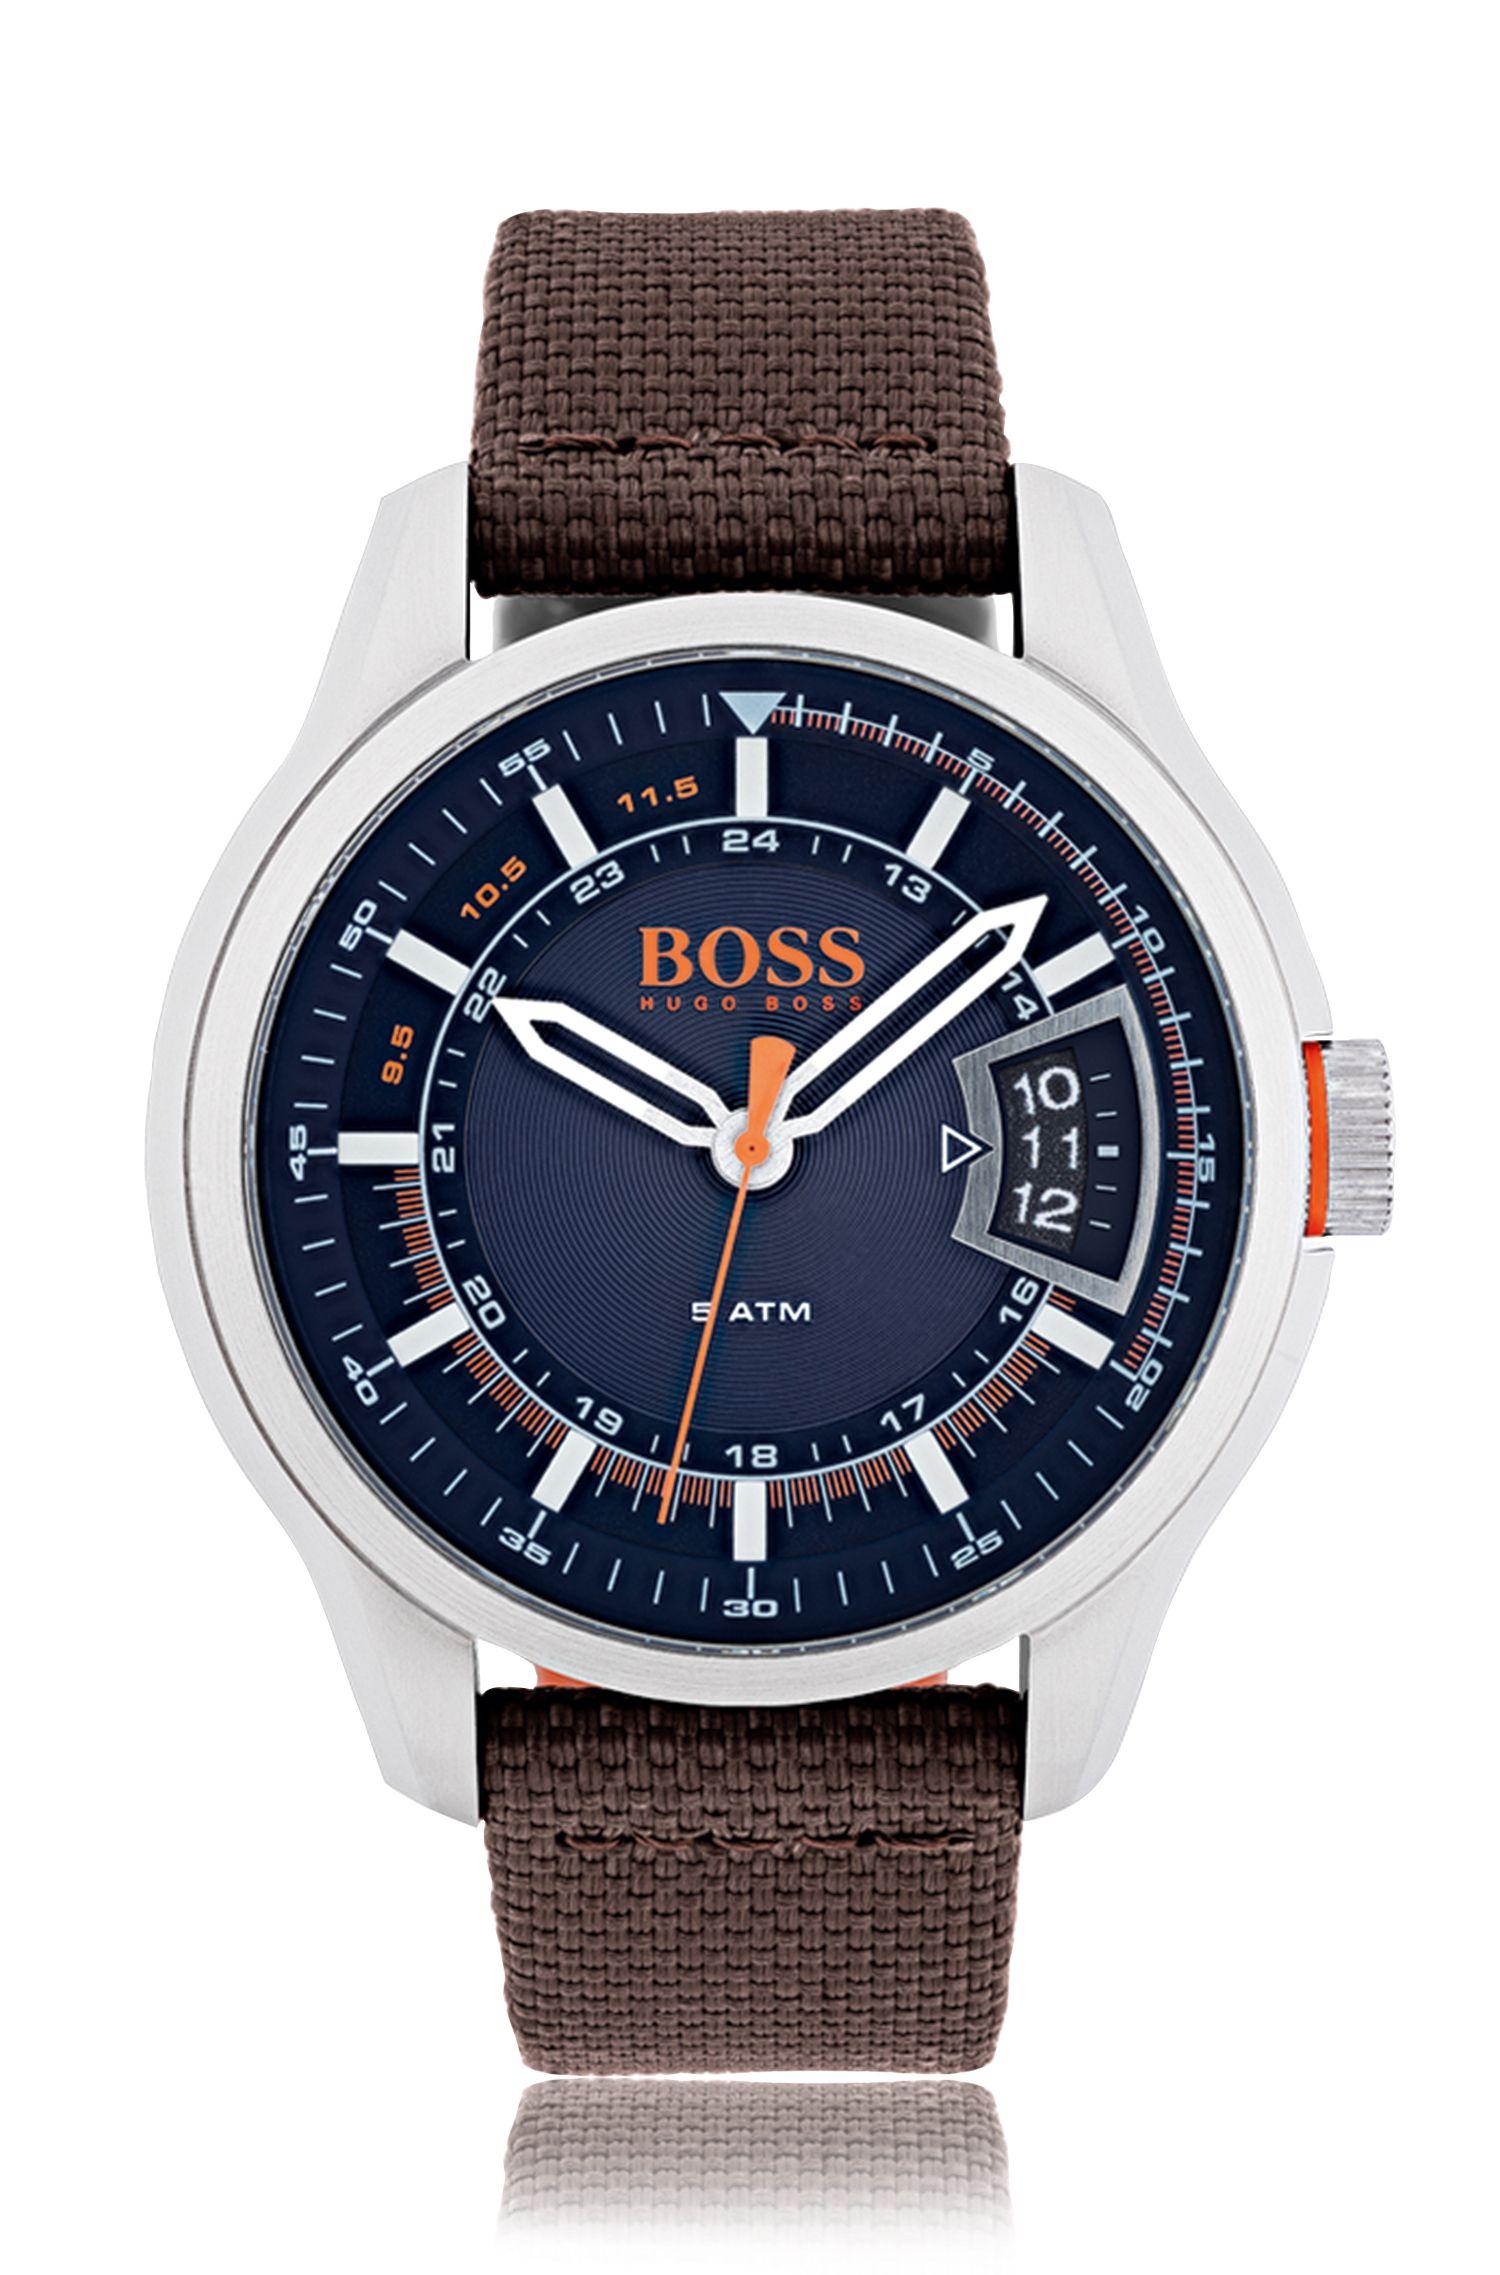 Montre en acier inoxydable brossé à cadran bleu et bracelet en tissu marron